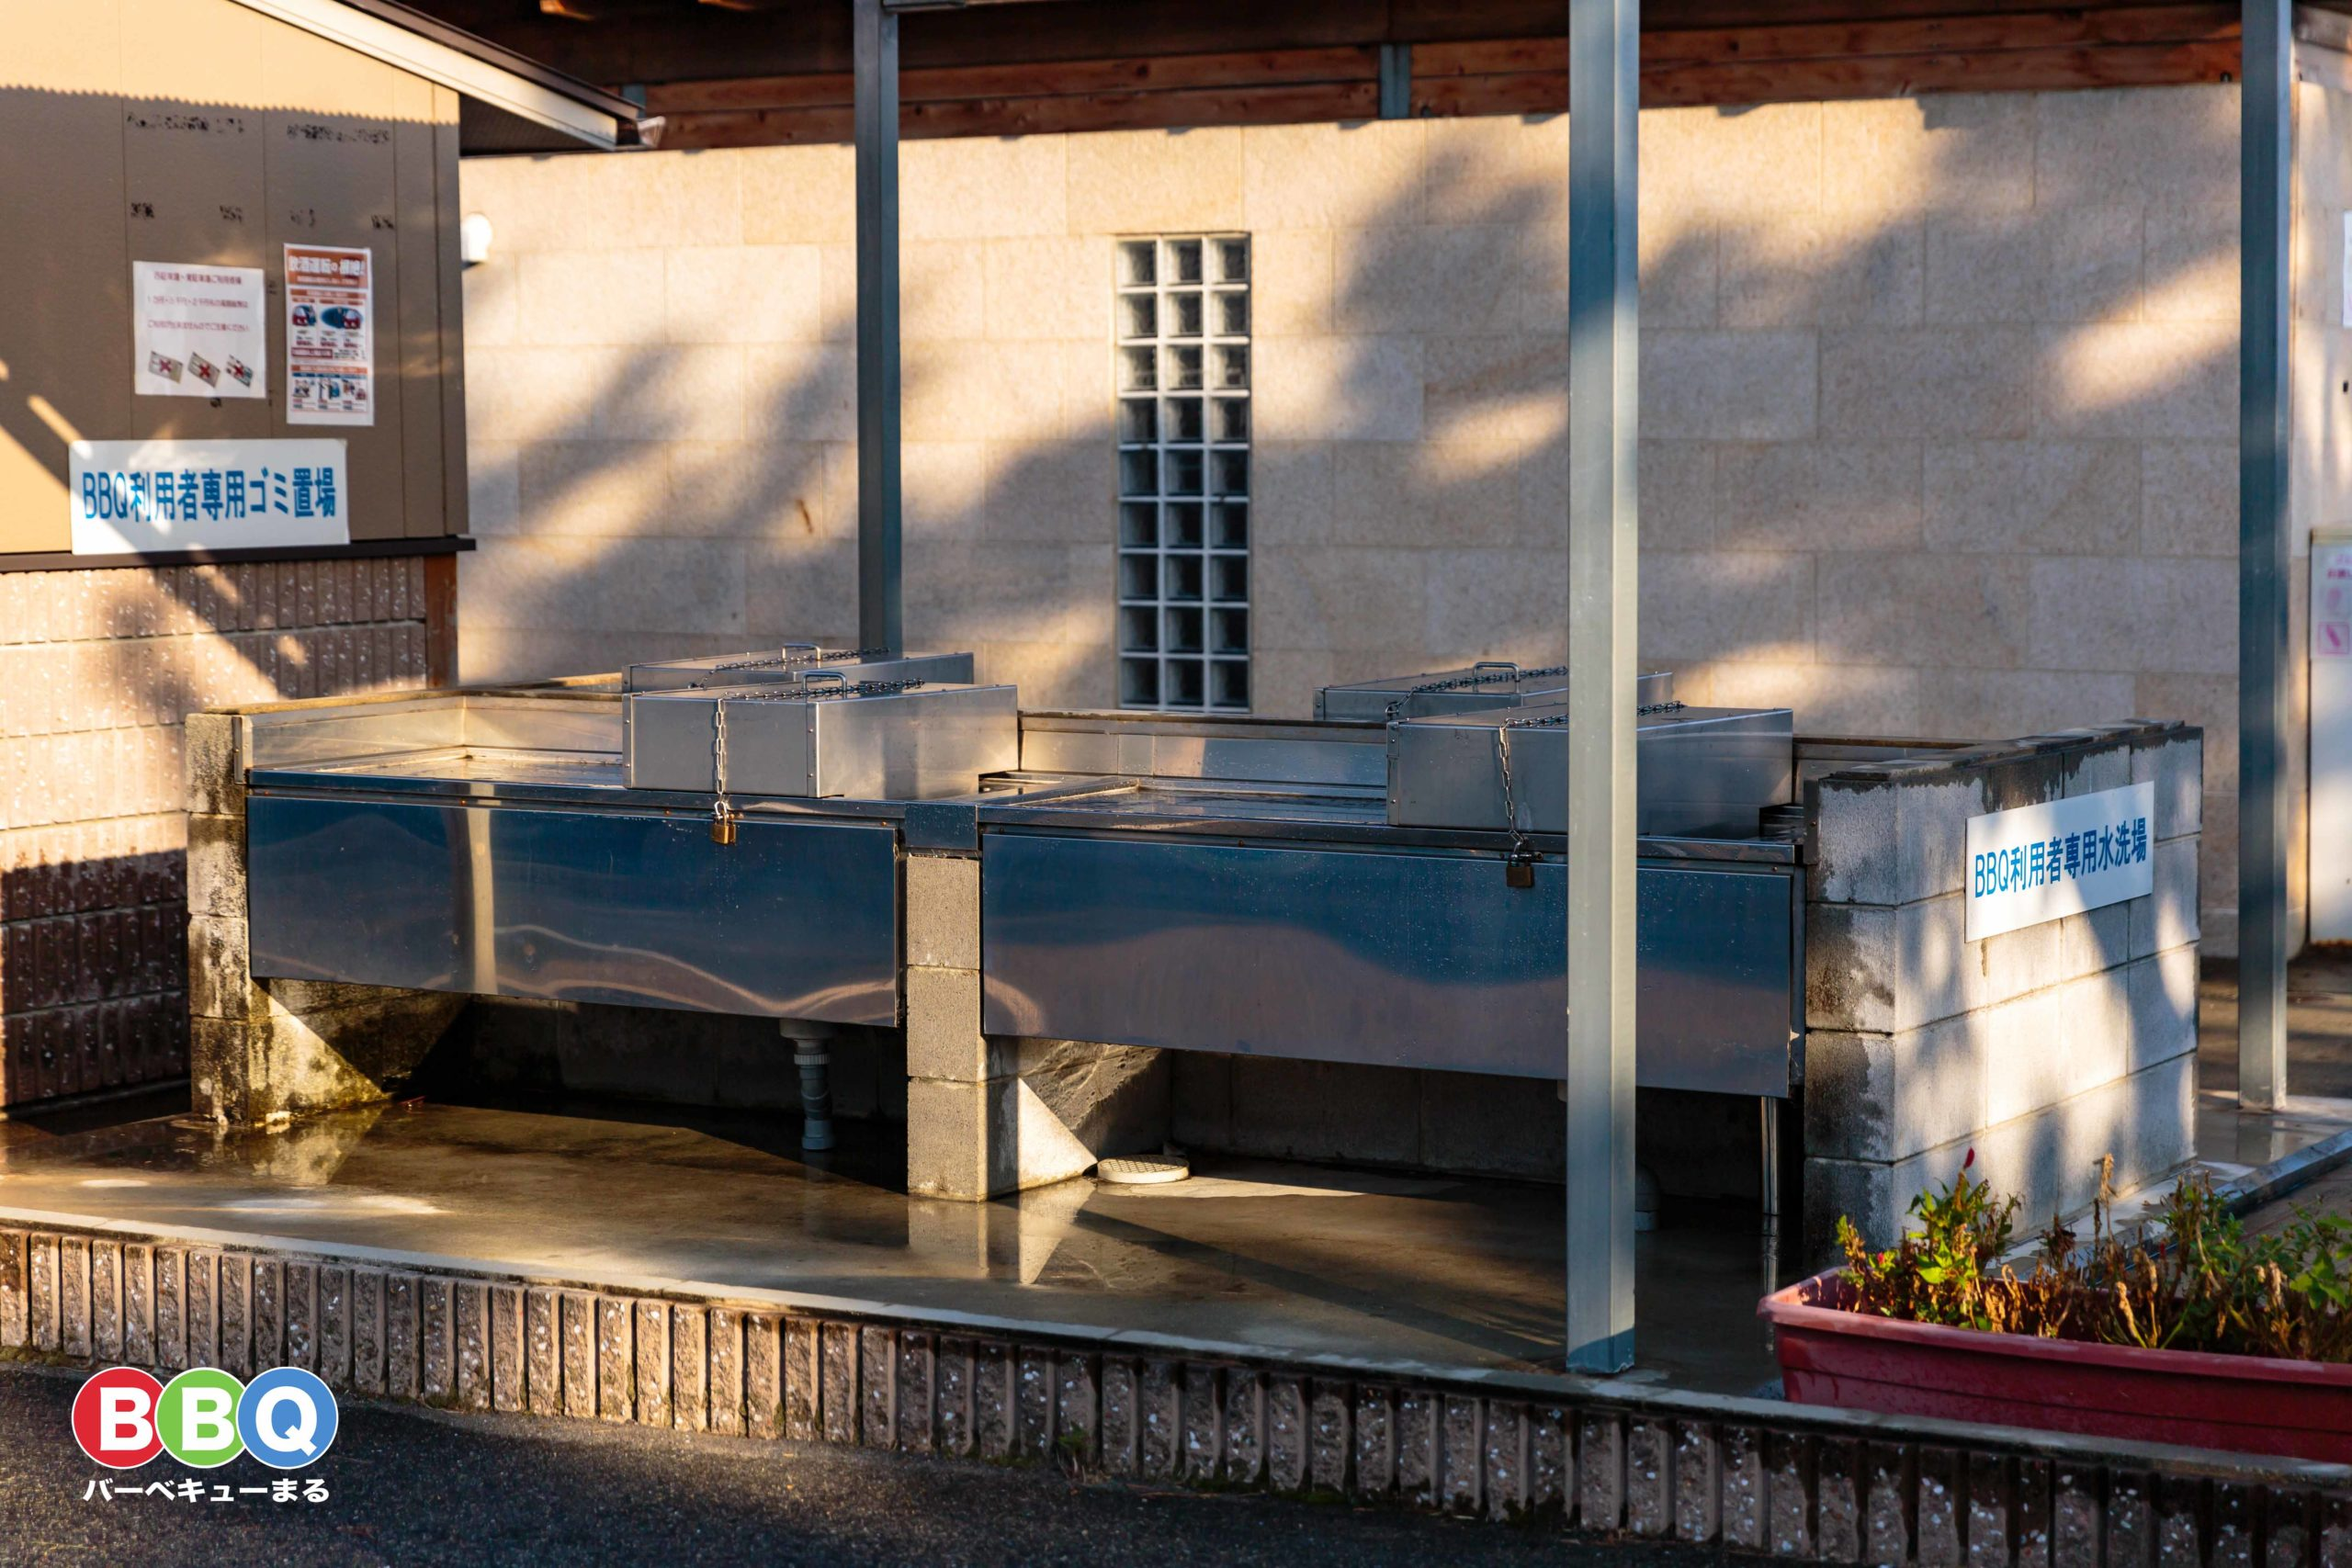 芦屋市総合公園バーベキューコーナー、閉場後の洗い場